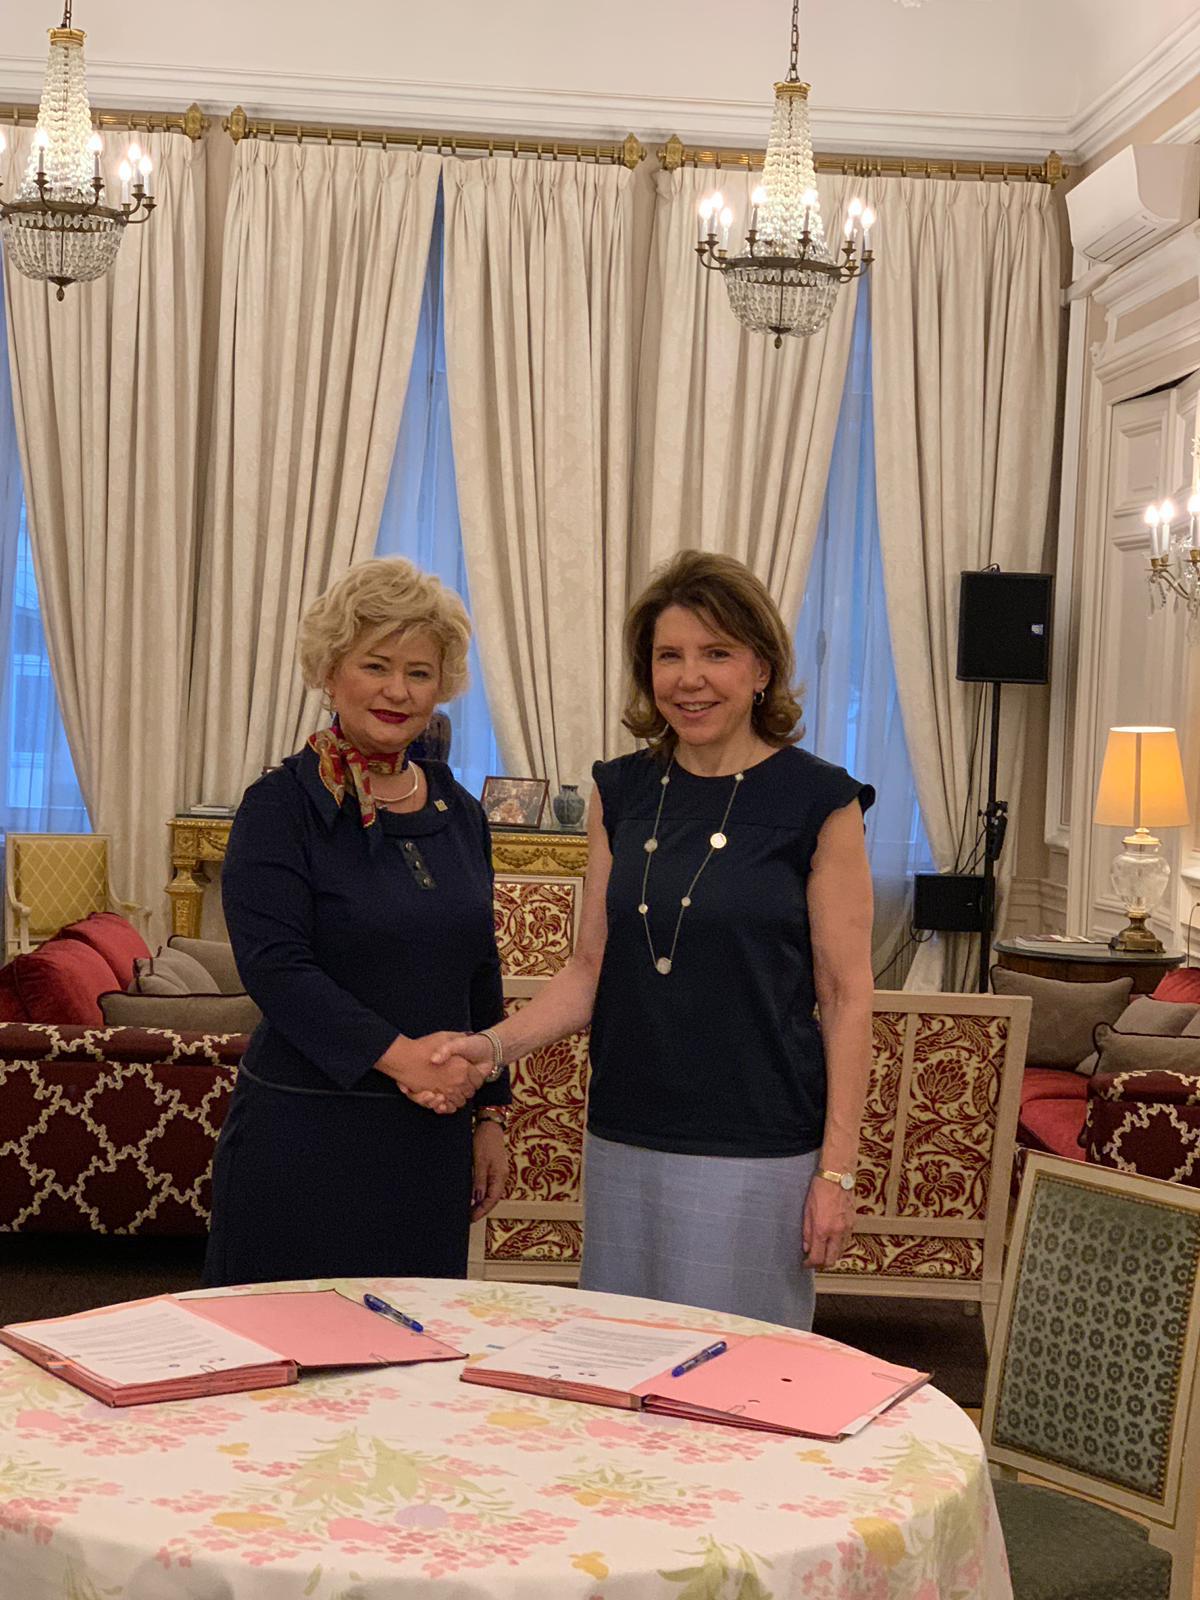 In data de 23 noiembrie 2018, secretarul de stat al ANES, Grațiela Drăghici, și Ambasadorul Franței în România, Michèle Ramis, au semnat o Declarație de intenție între cele două instituții pe care le reprezintă, în marja Zilei Internaționale pentru Eliminarea Violenței împotriva Femeii, care este marcată în fiecare an pe 25 noiembrie.